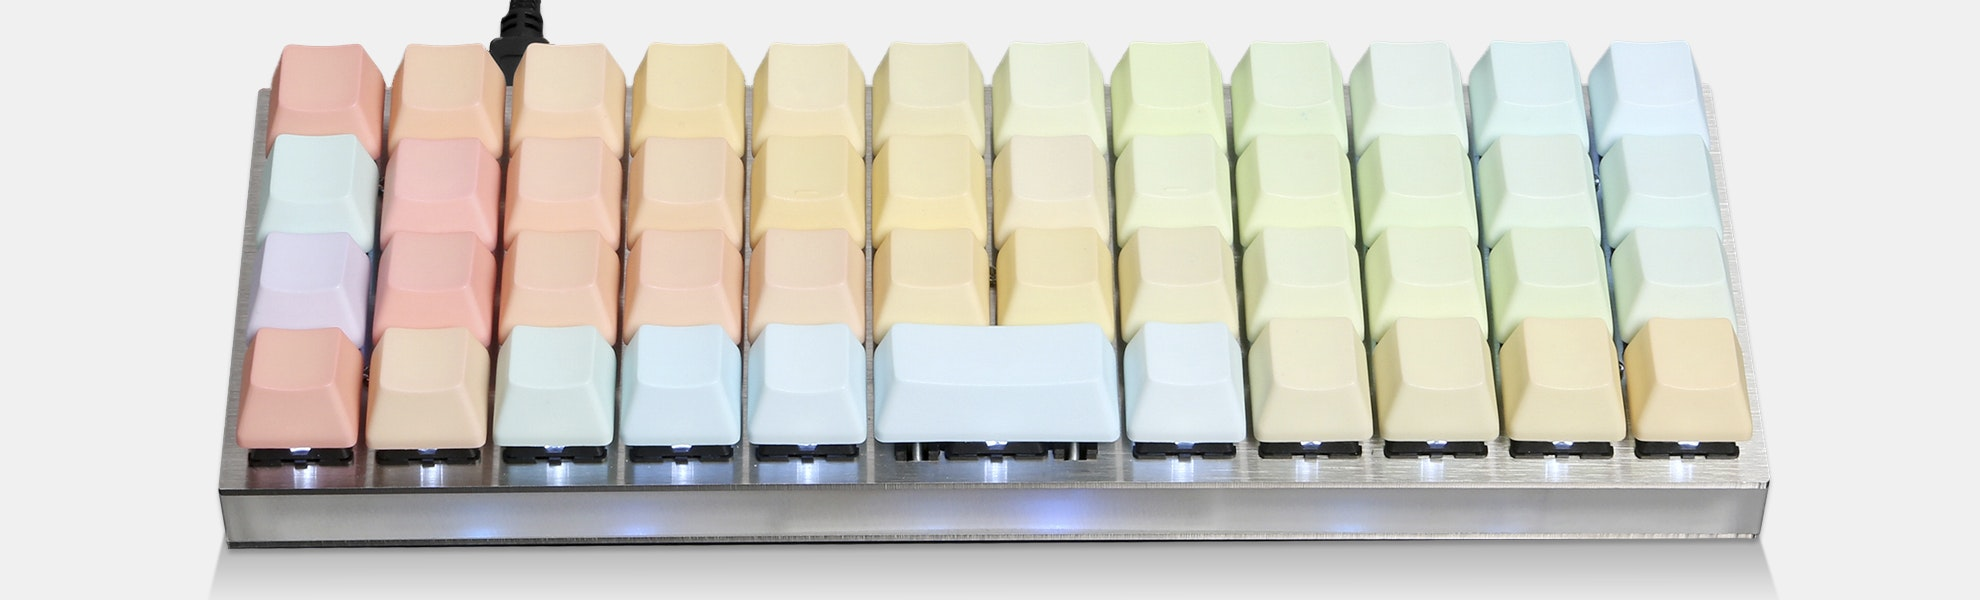 NPKC PBT Rainbow Keycaps